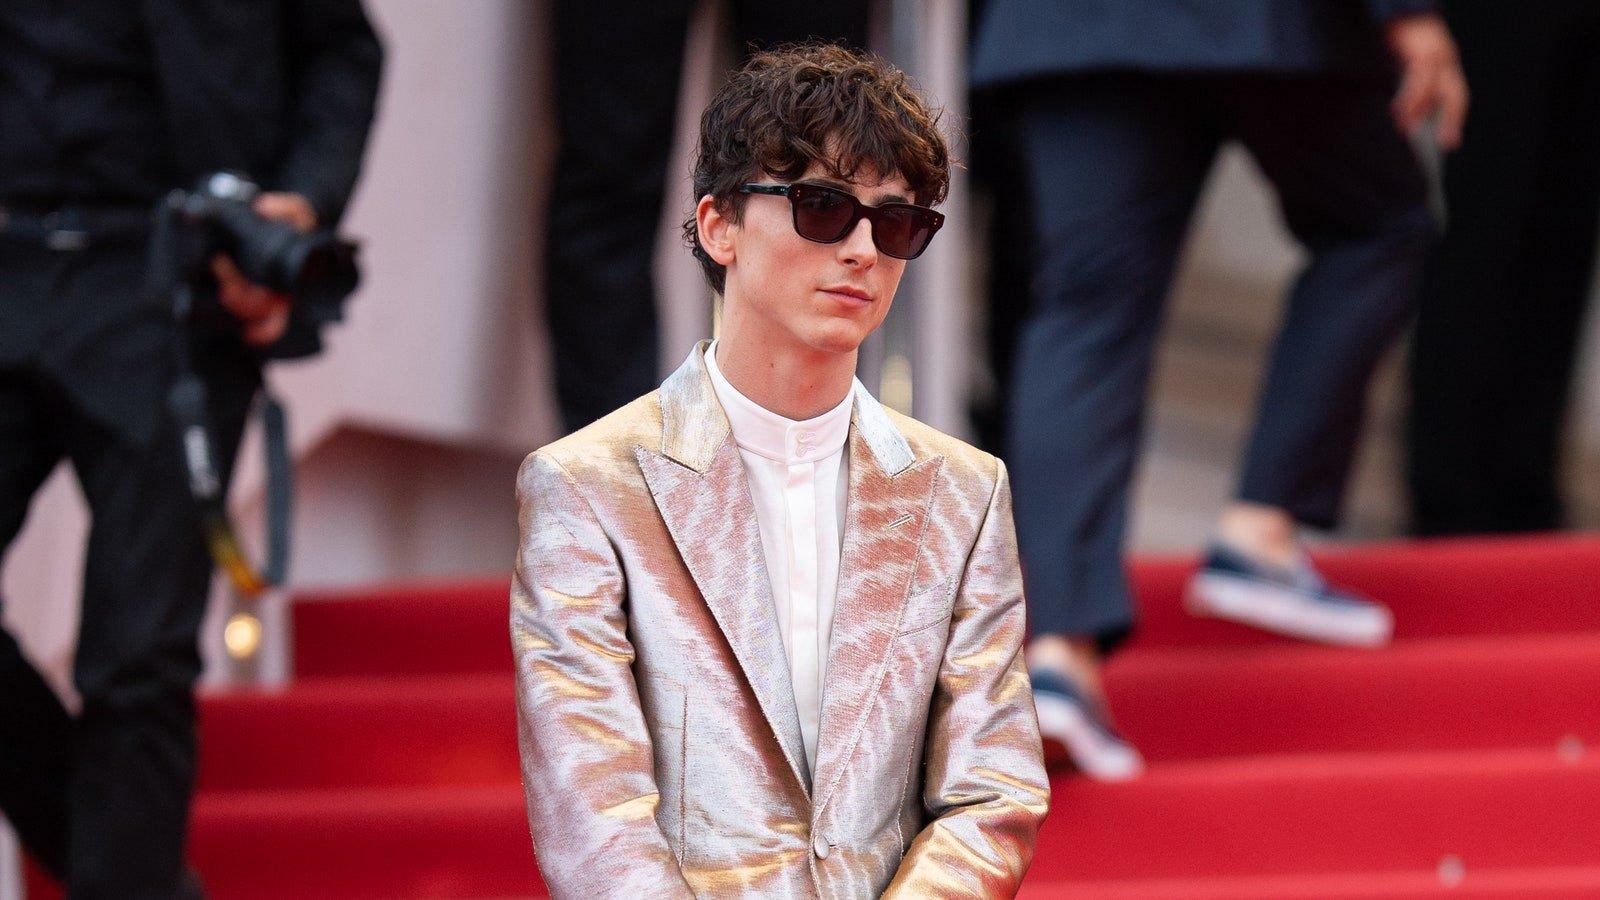 Festival de Cannes 2021 : Timothée Chalamet fait un retour remarqué sur le tapis rouge avec un costume étincelant